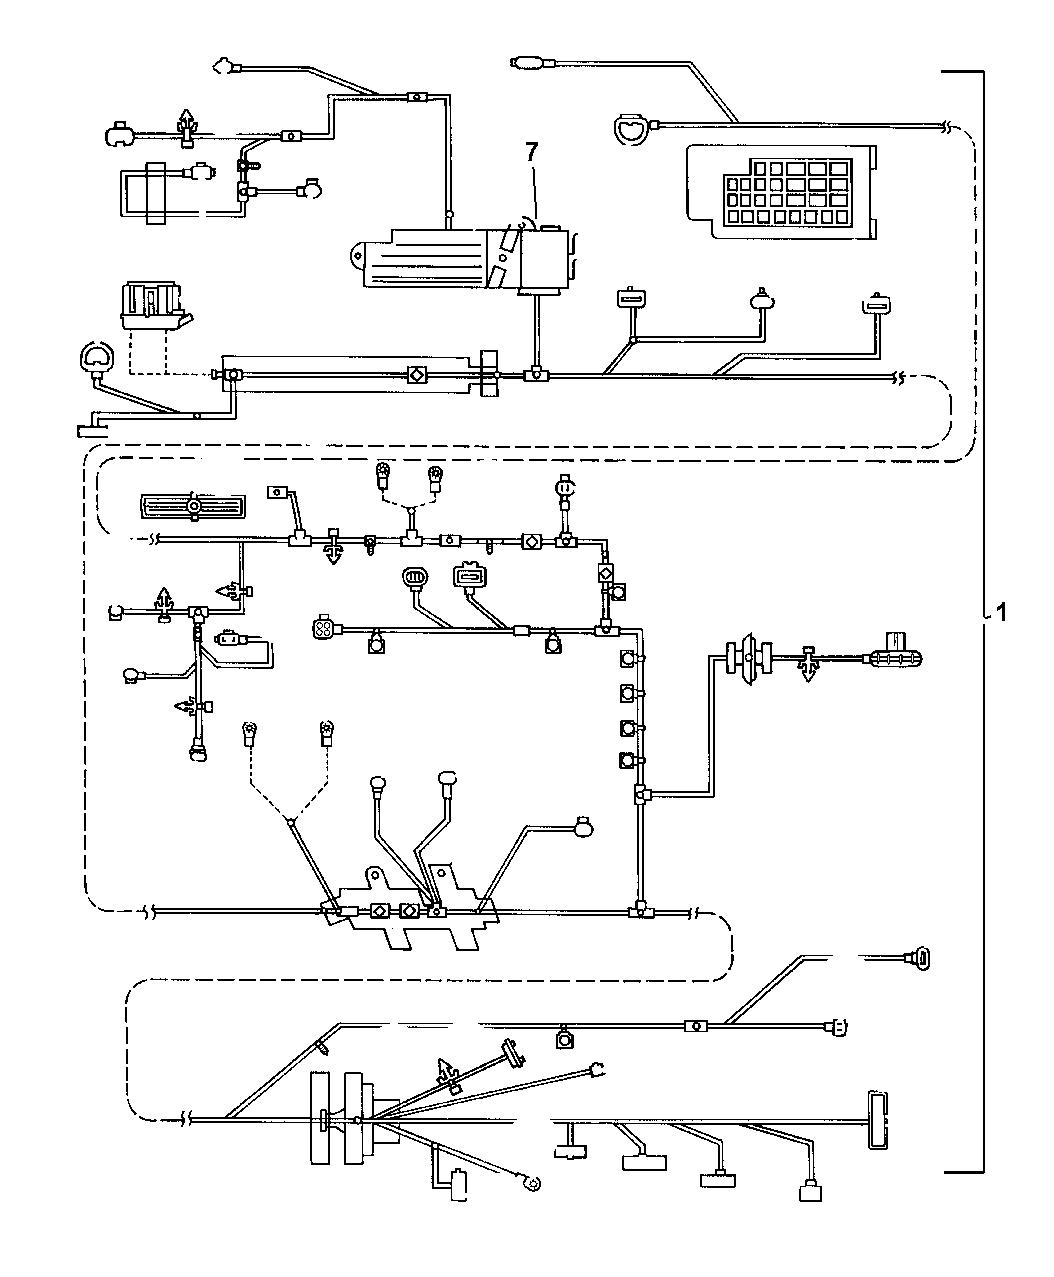 Chrysler Cirru Wiring Diagram